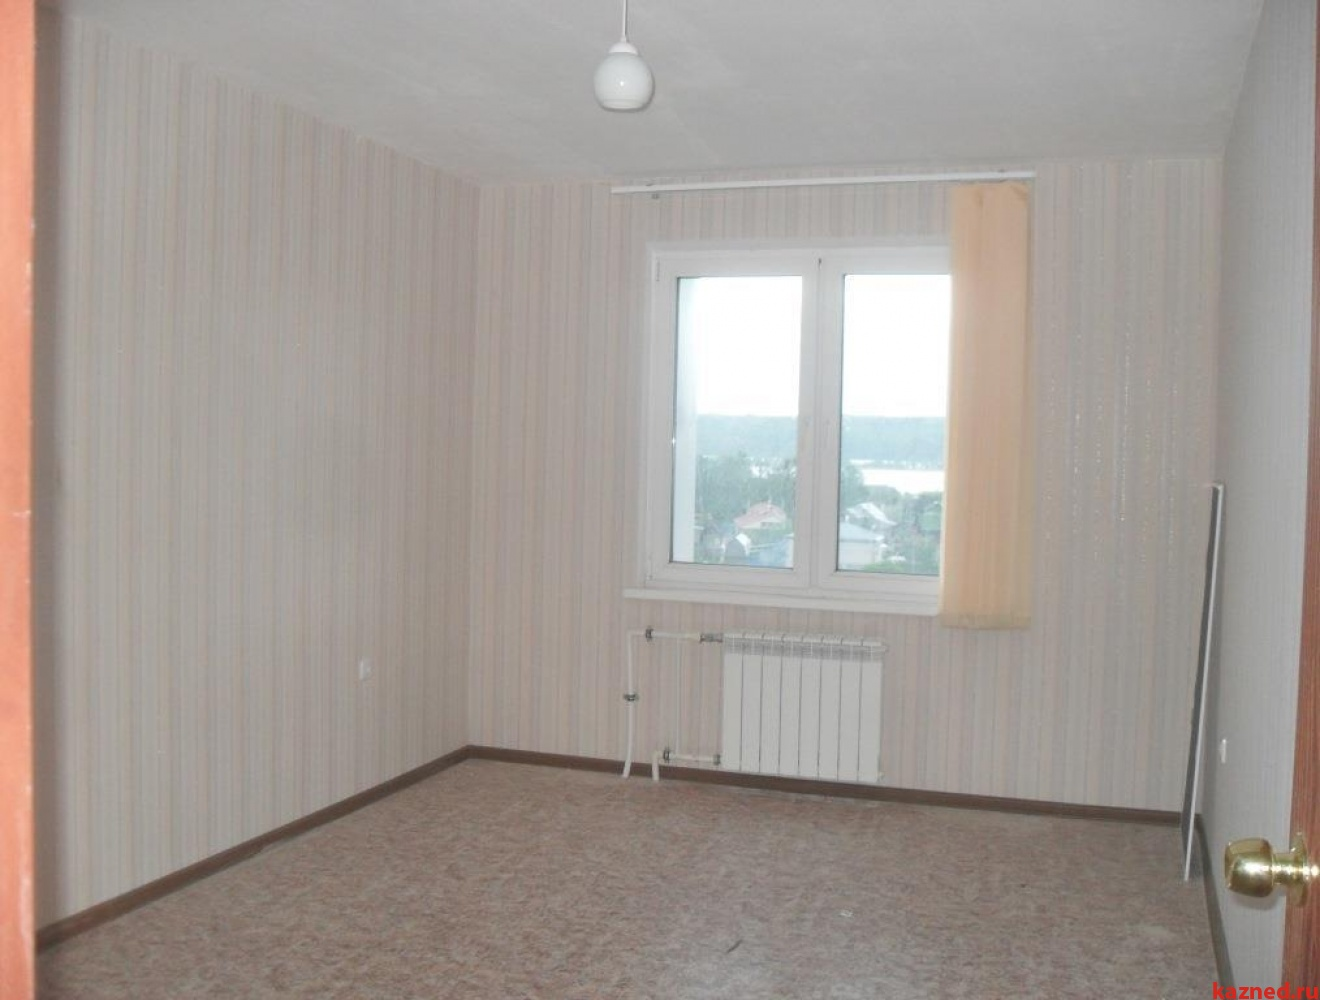 Продажа 2-к квартиры Привокзальная 52, 66 м² (миниатюра №6)